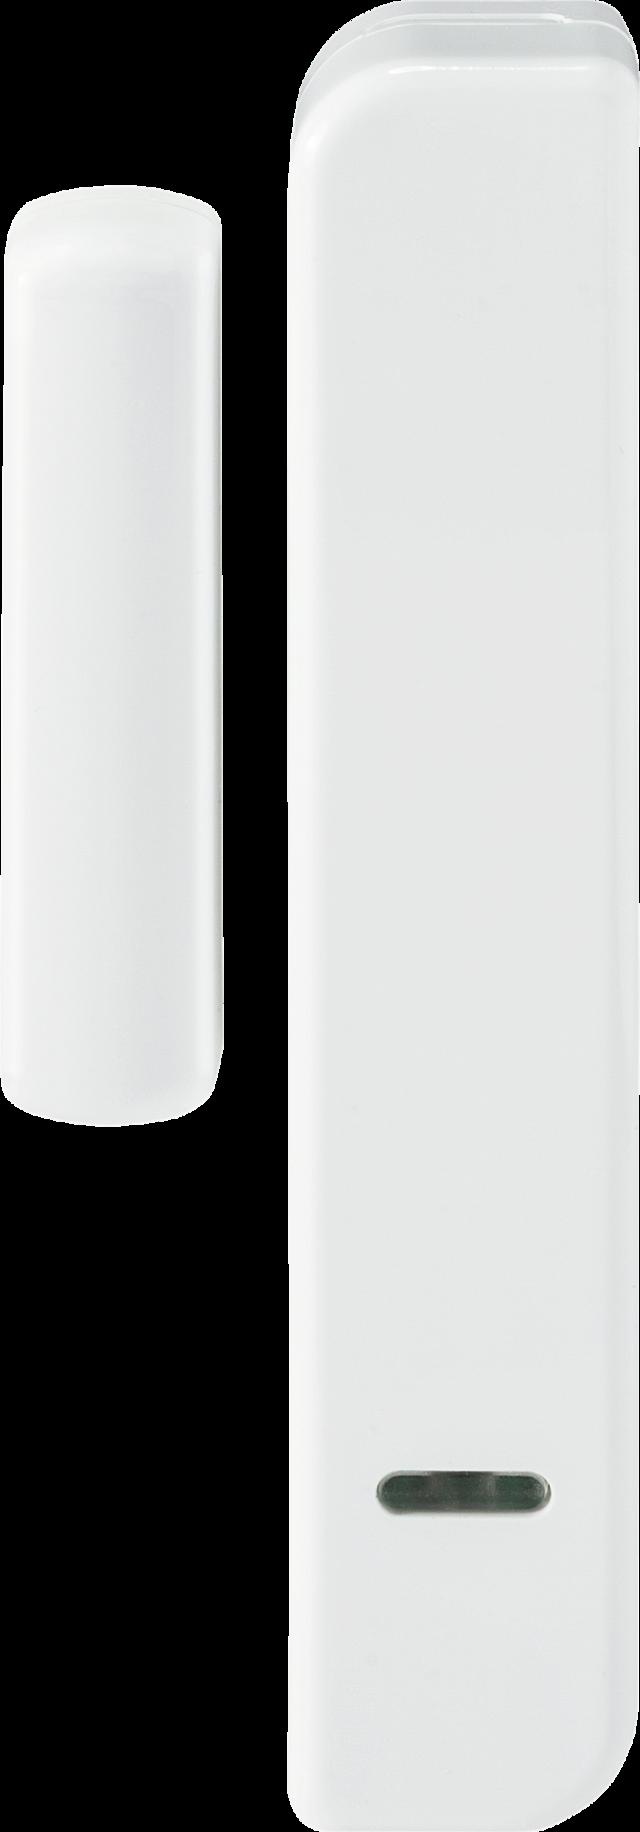 Secvest Schmaler Funk-Öffnungsmelder (weiß) Vorderansicht